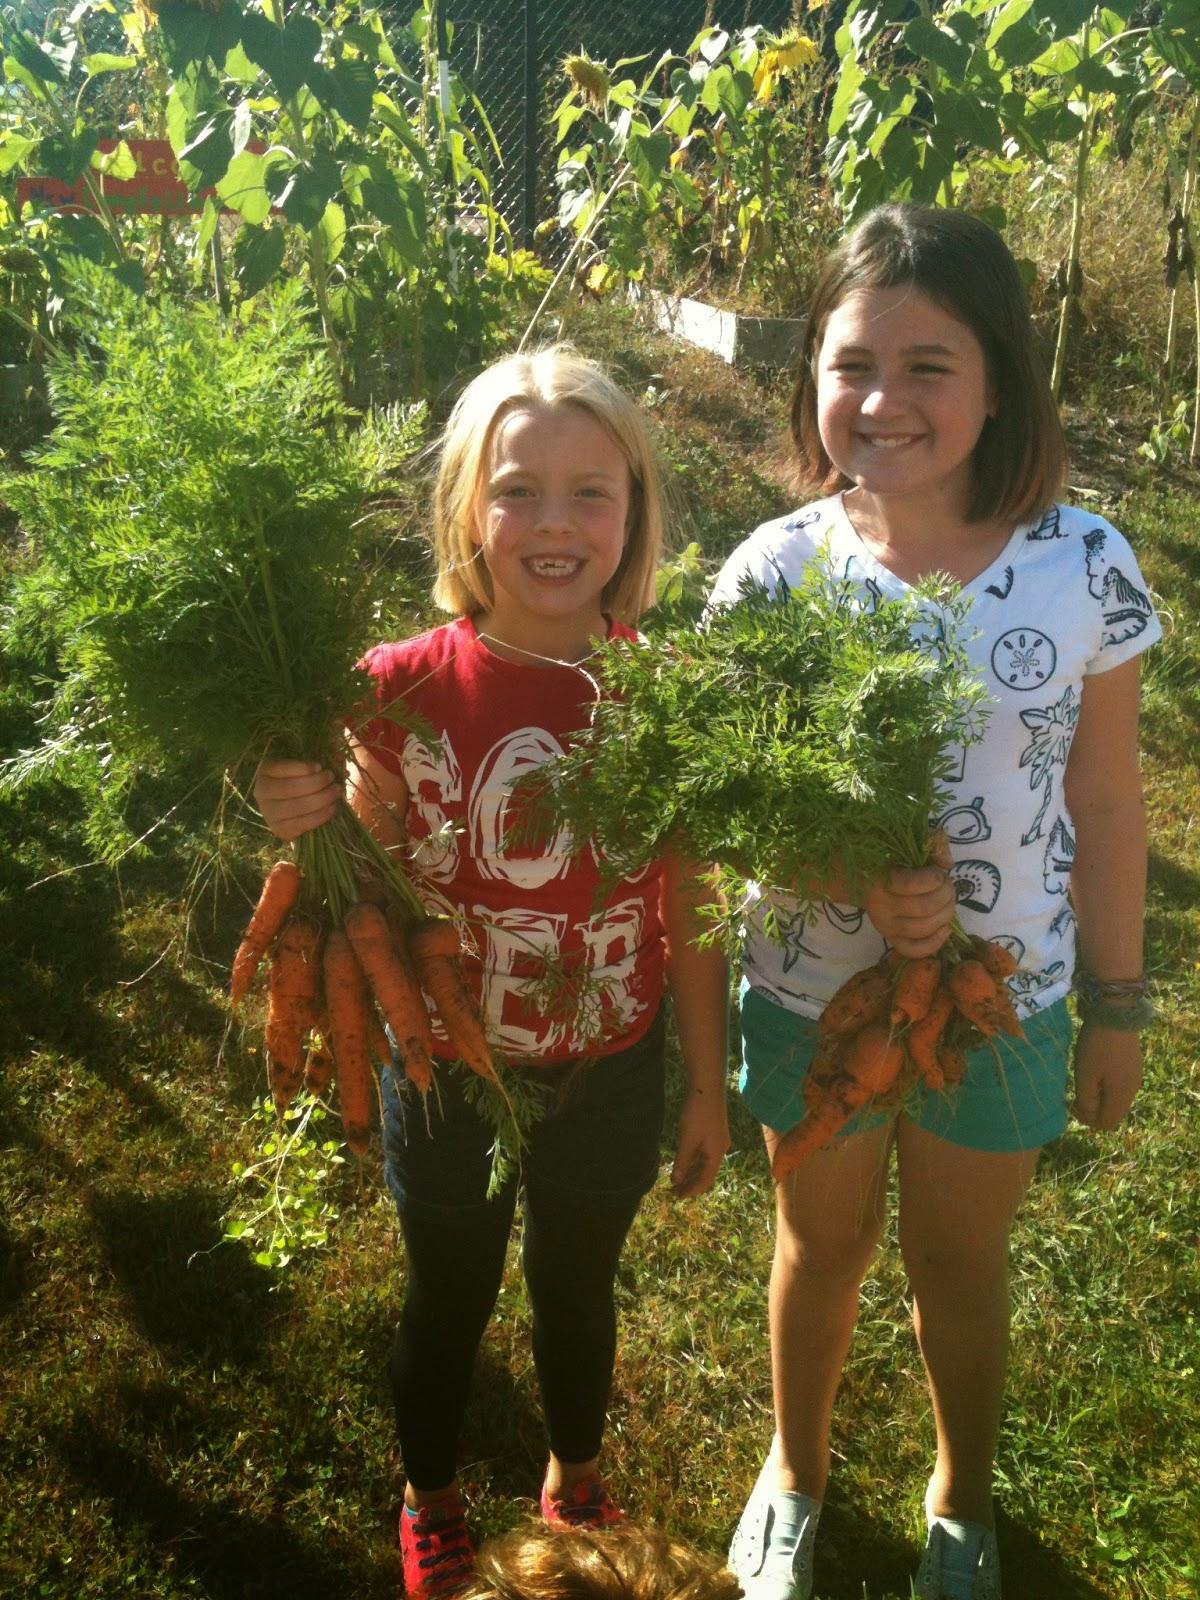 Longfellow School Garden - The Learning Garden